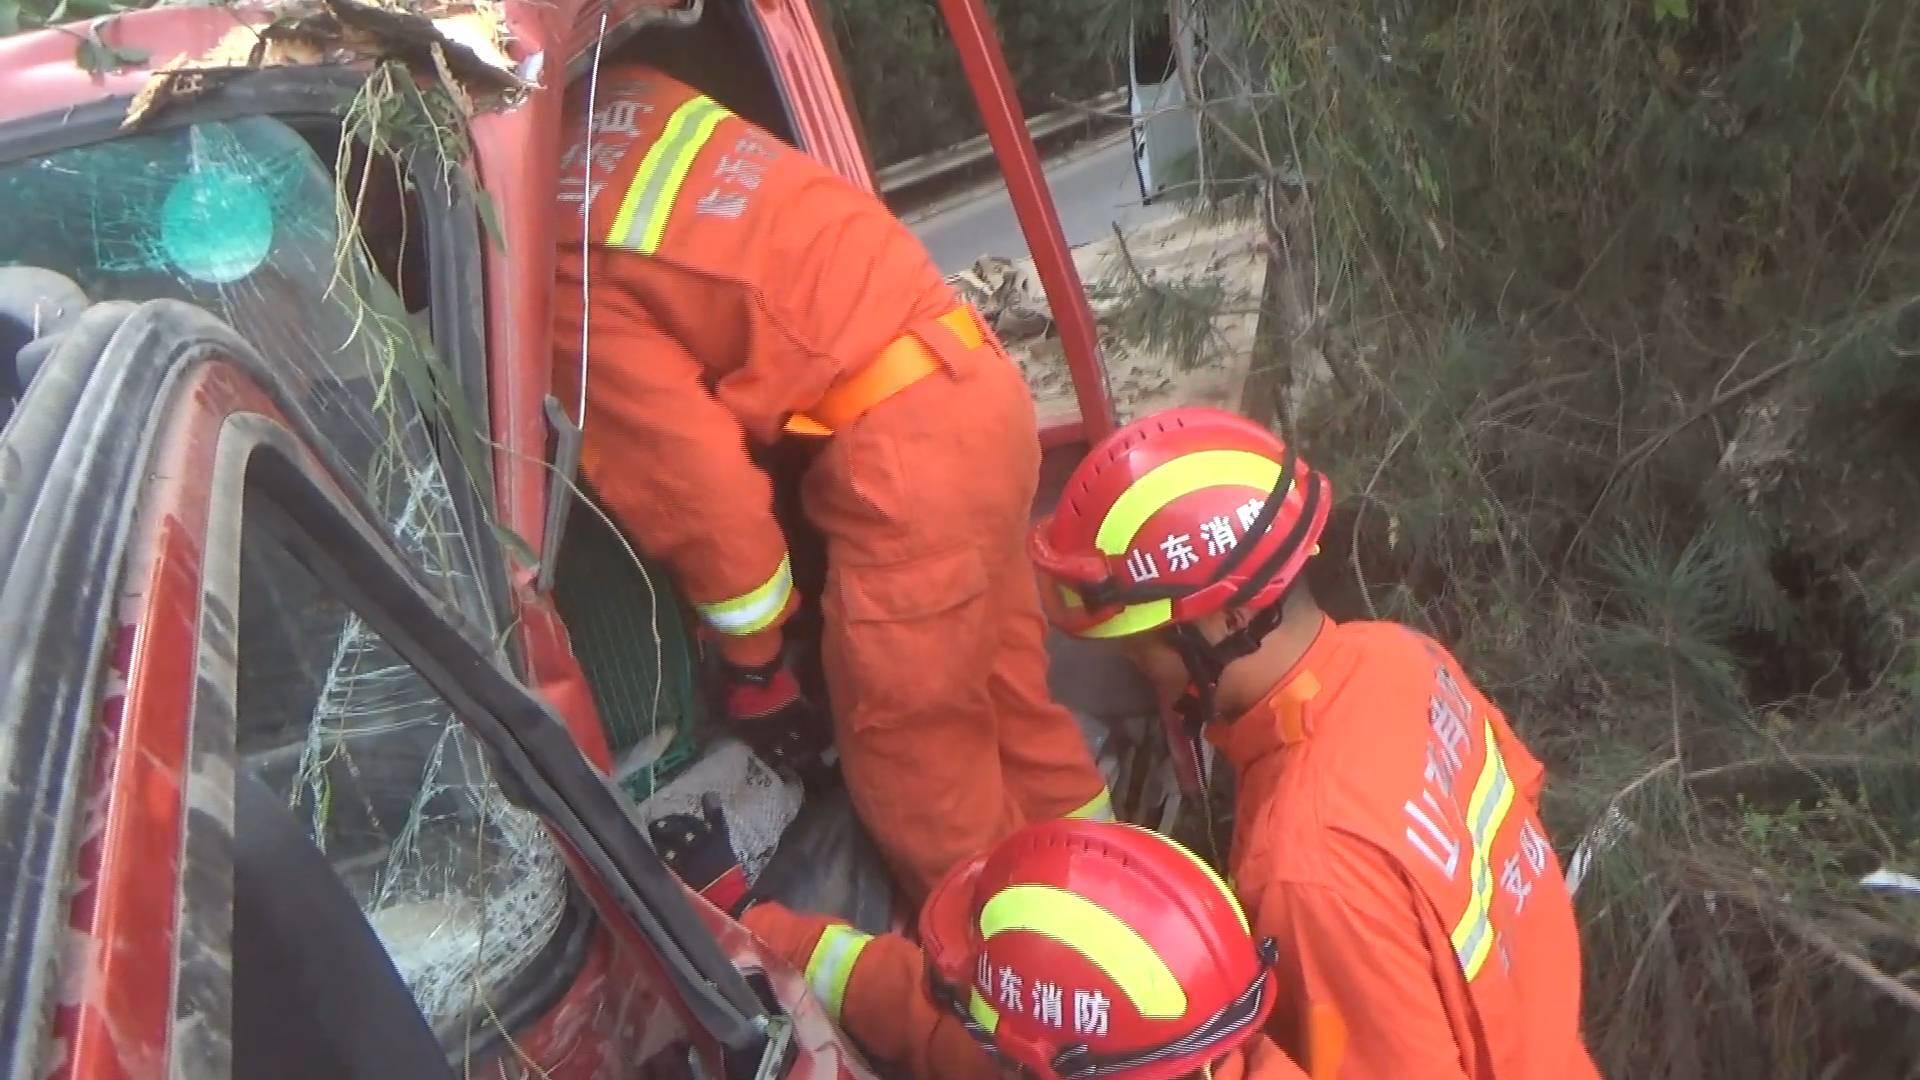 39秒丨货车被追尾撞断路边大树,司机被卡车里!临沂消防紧急营救